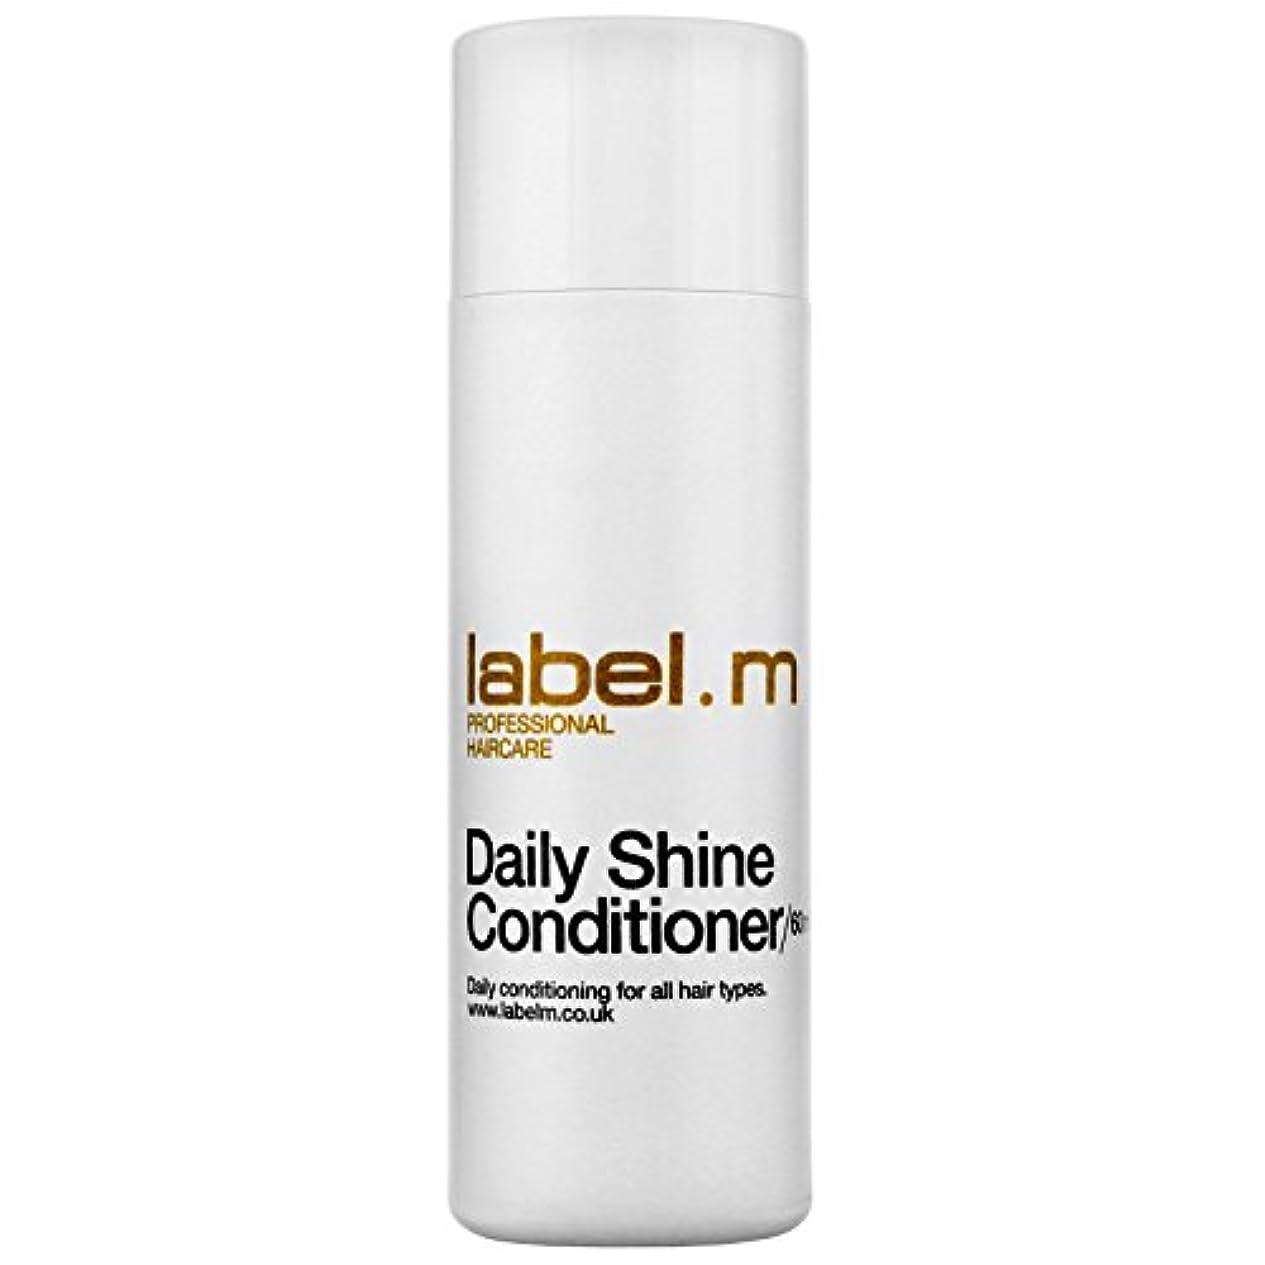 あなたのもの円形のストレージLabel.M Professional Haircare ラベルMデイリーシャインコンディショナー60ミリリットルによって条件